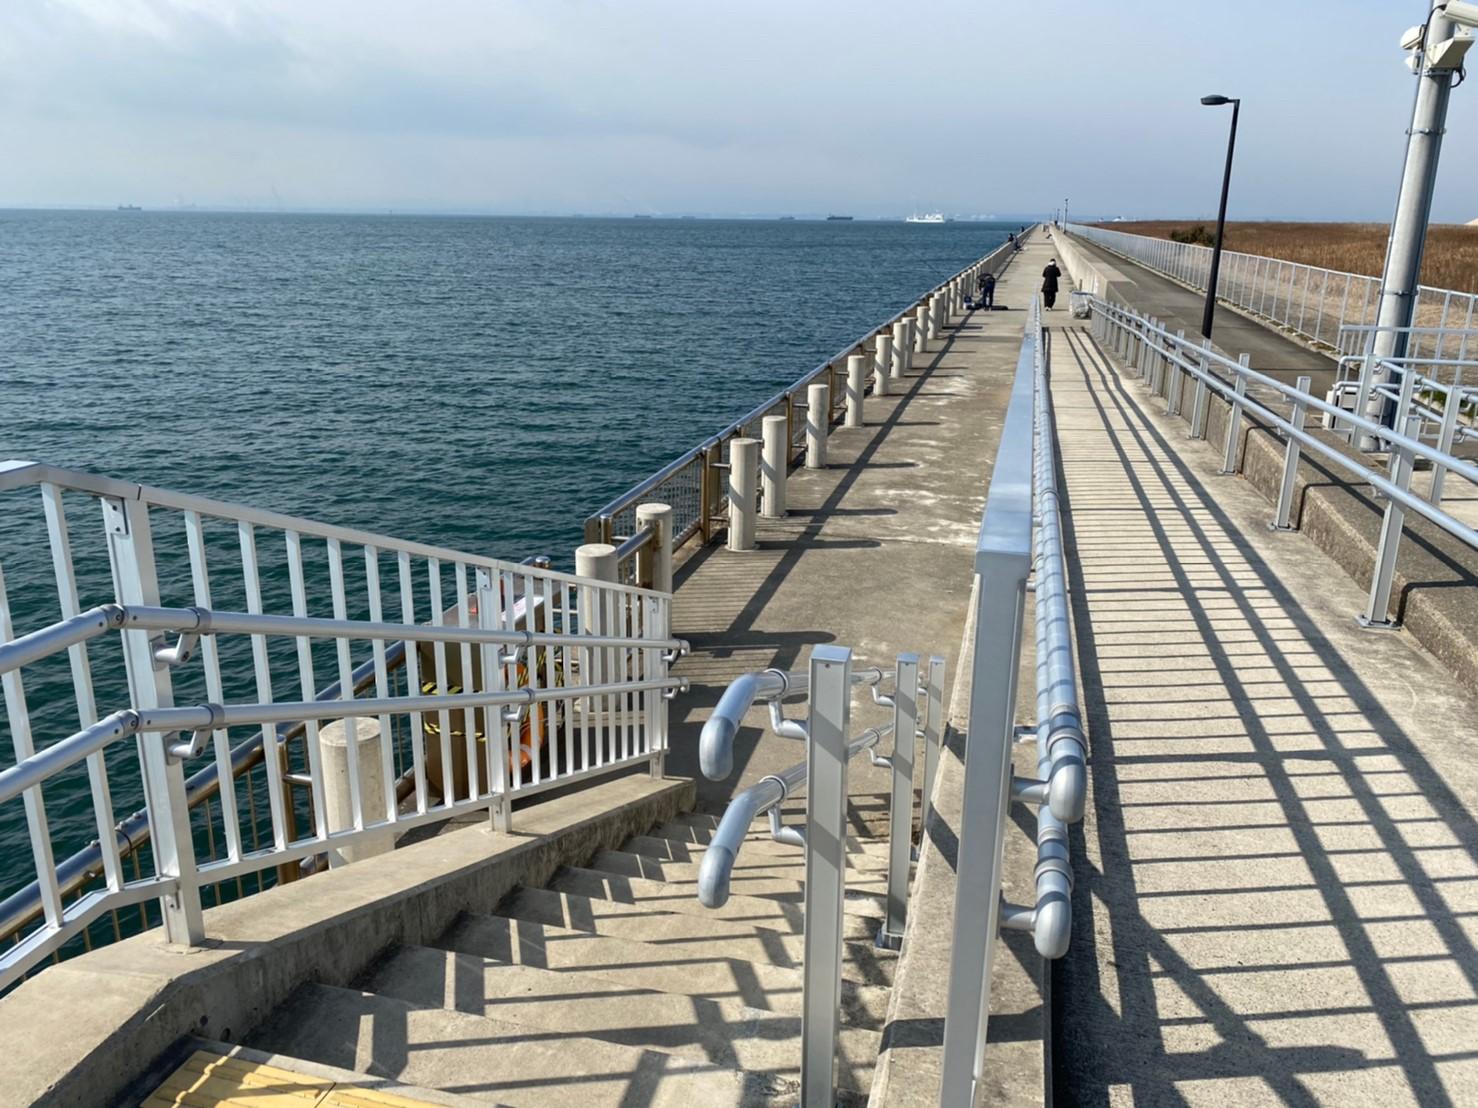 【ハゼやアナゴ釣りに人気】『新舞子マリンパーク海釣り施設』の釣り場ガイド(駐車場・釣れる魚)